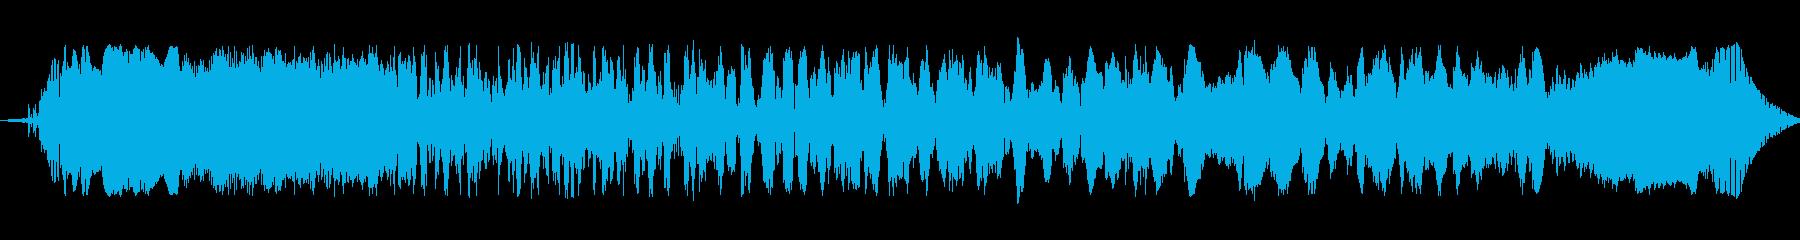 ギャアアアア!の再生済みの波形